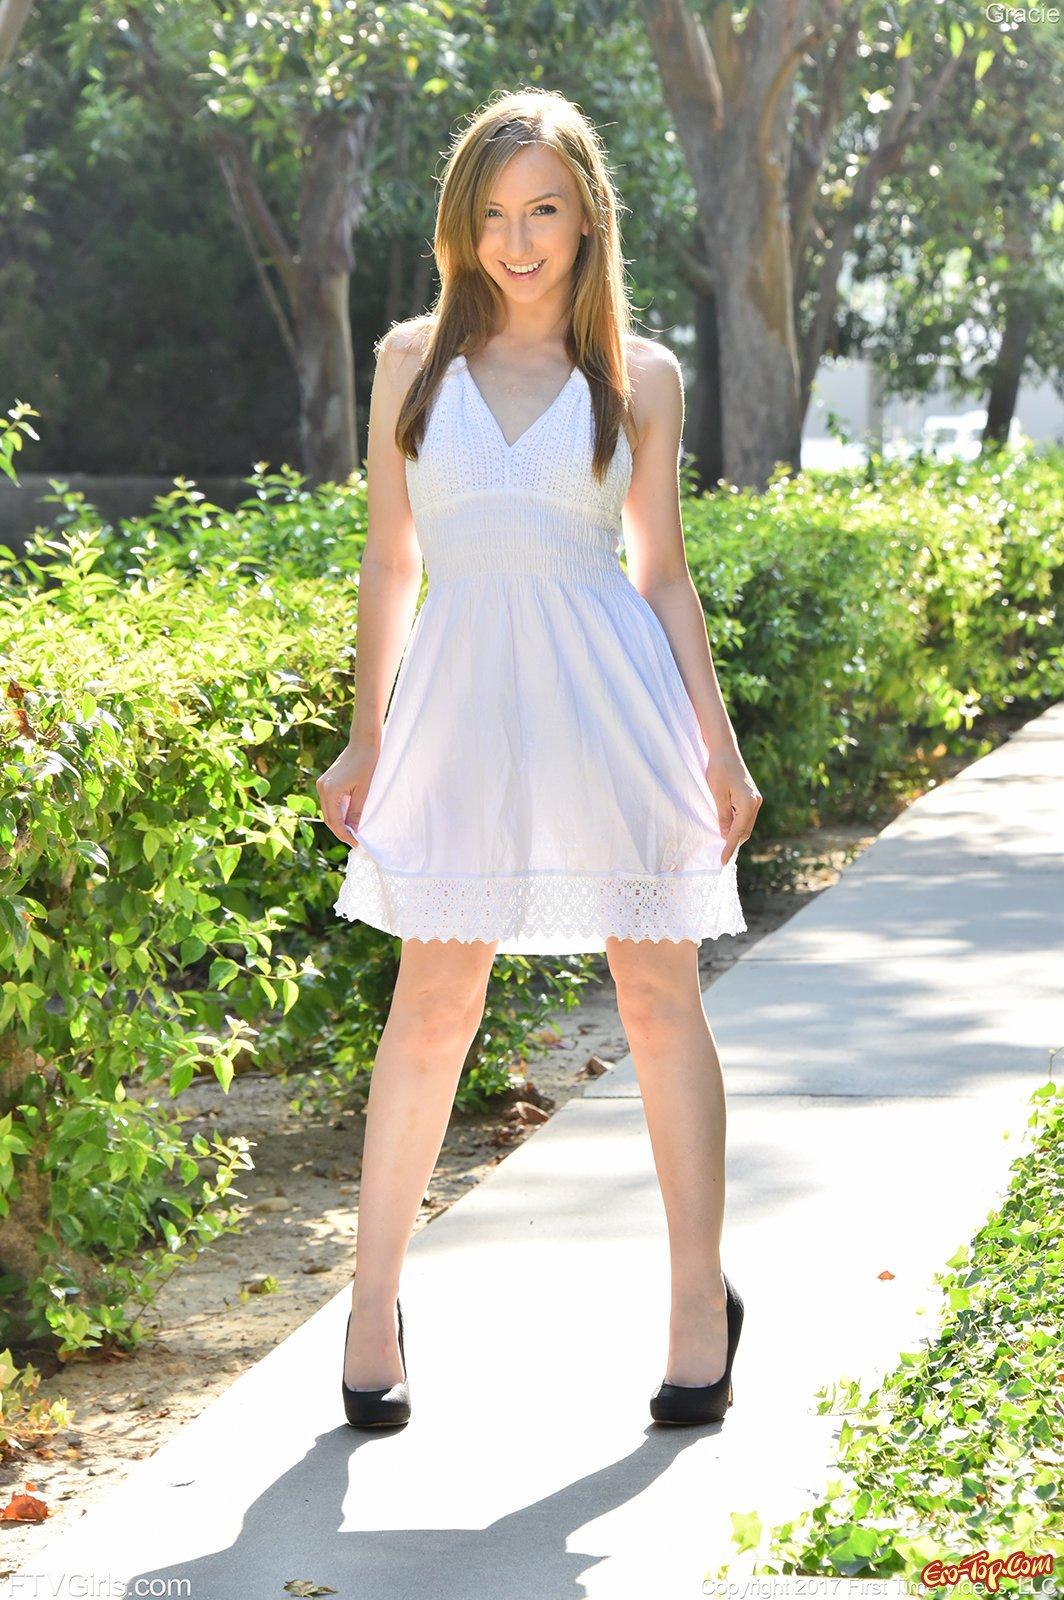 Стройная девушка снимает платье и позирует на улице